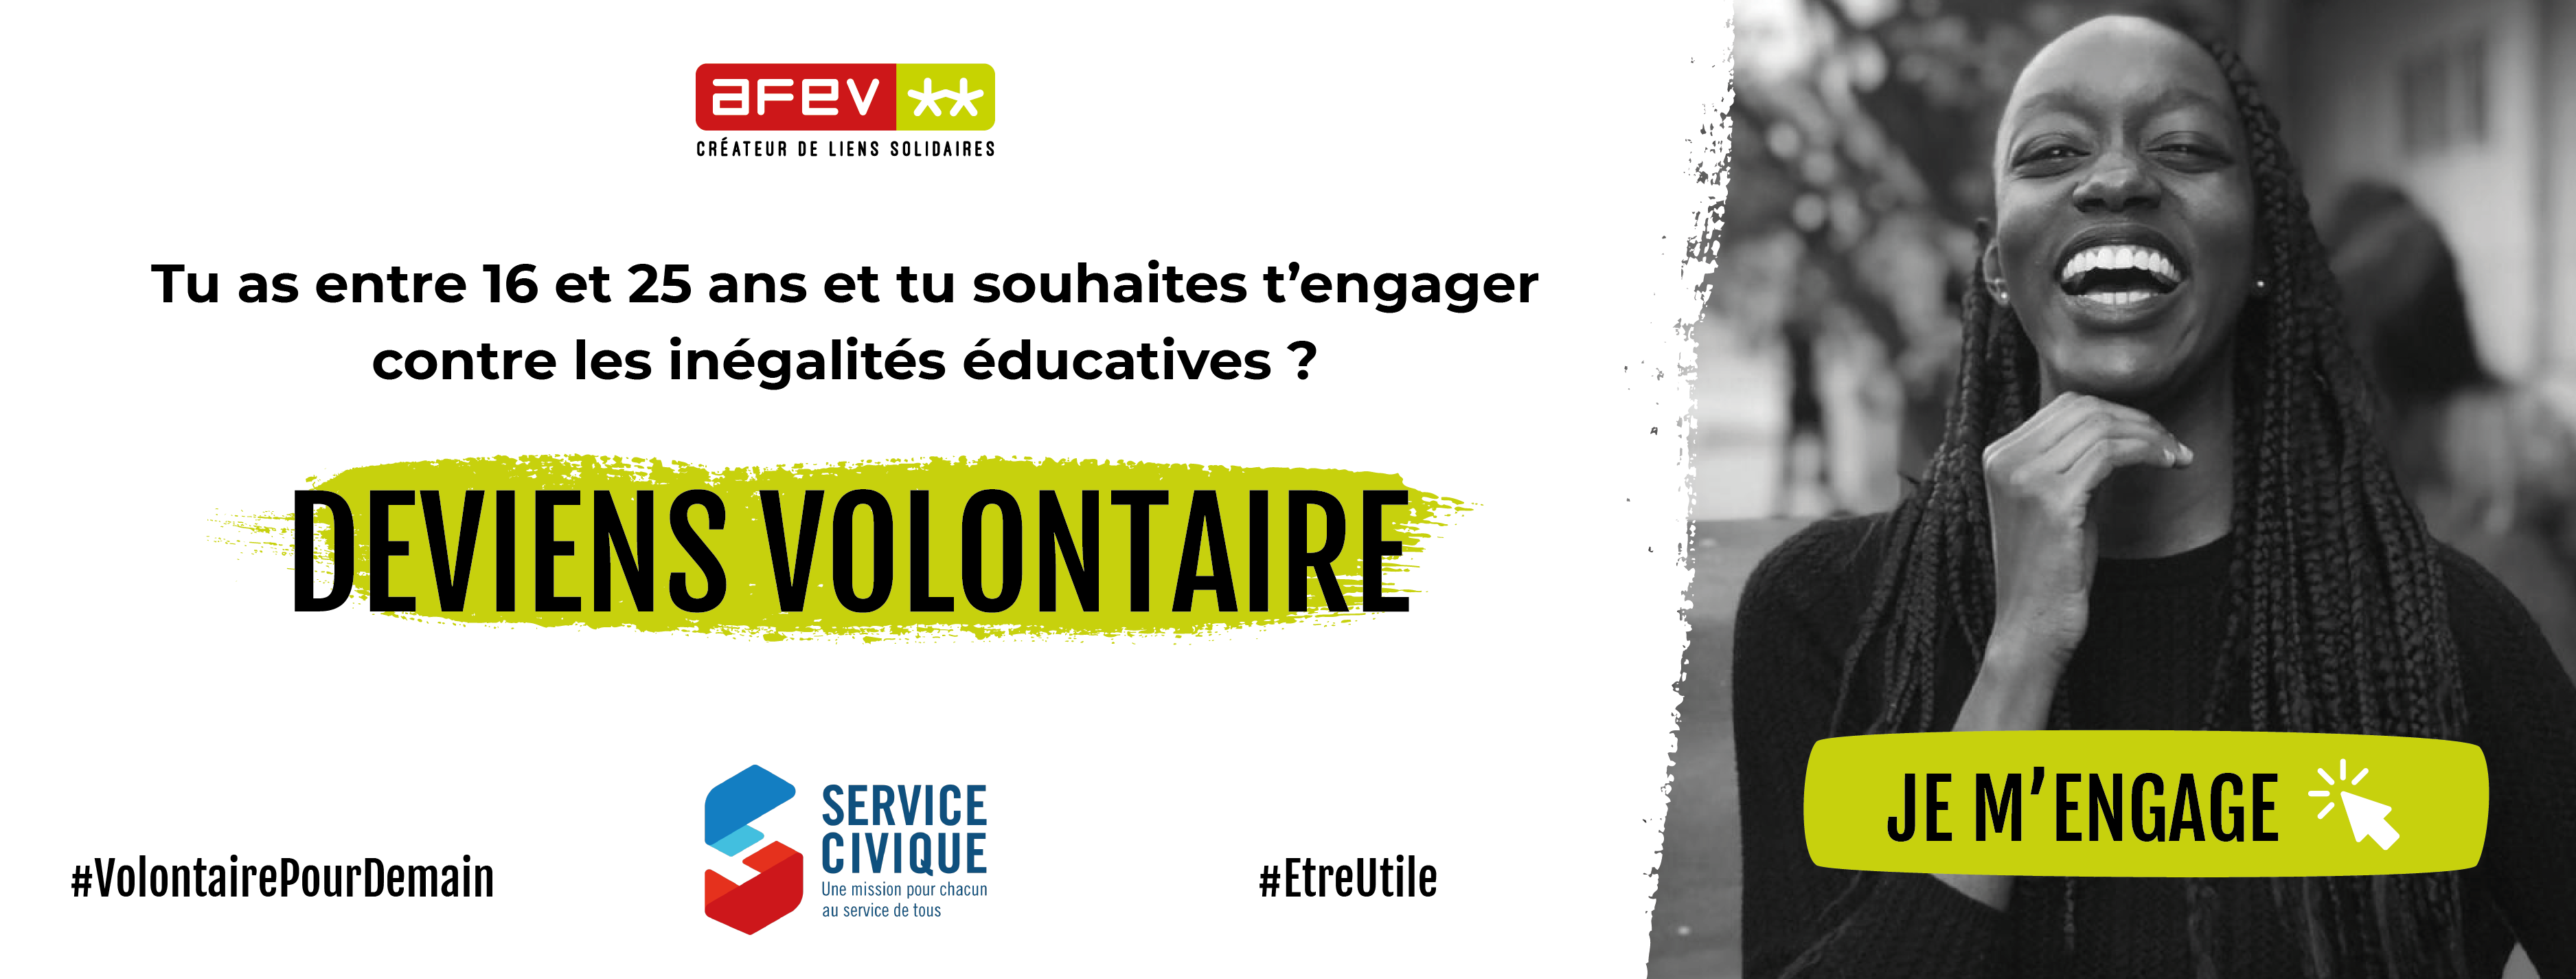 Service civique AFEV Paris